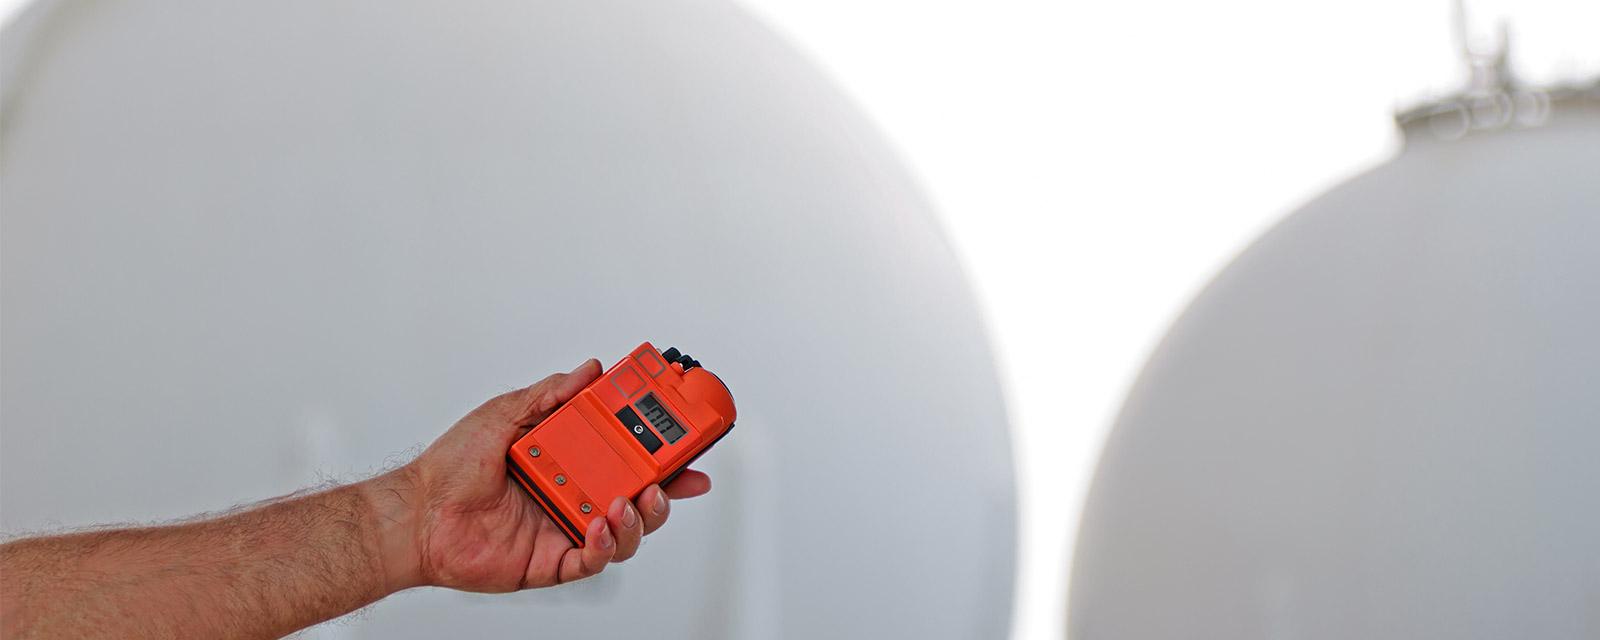 ATEX-Richtlinie 2014/34/EU Inverkehrbringen nicht elektrischer ATEX-Produkte Haus der Technik